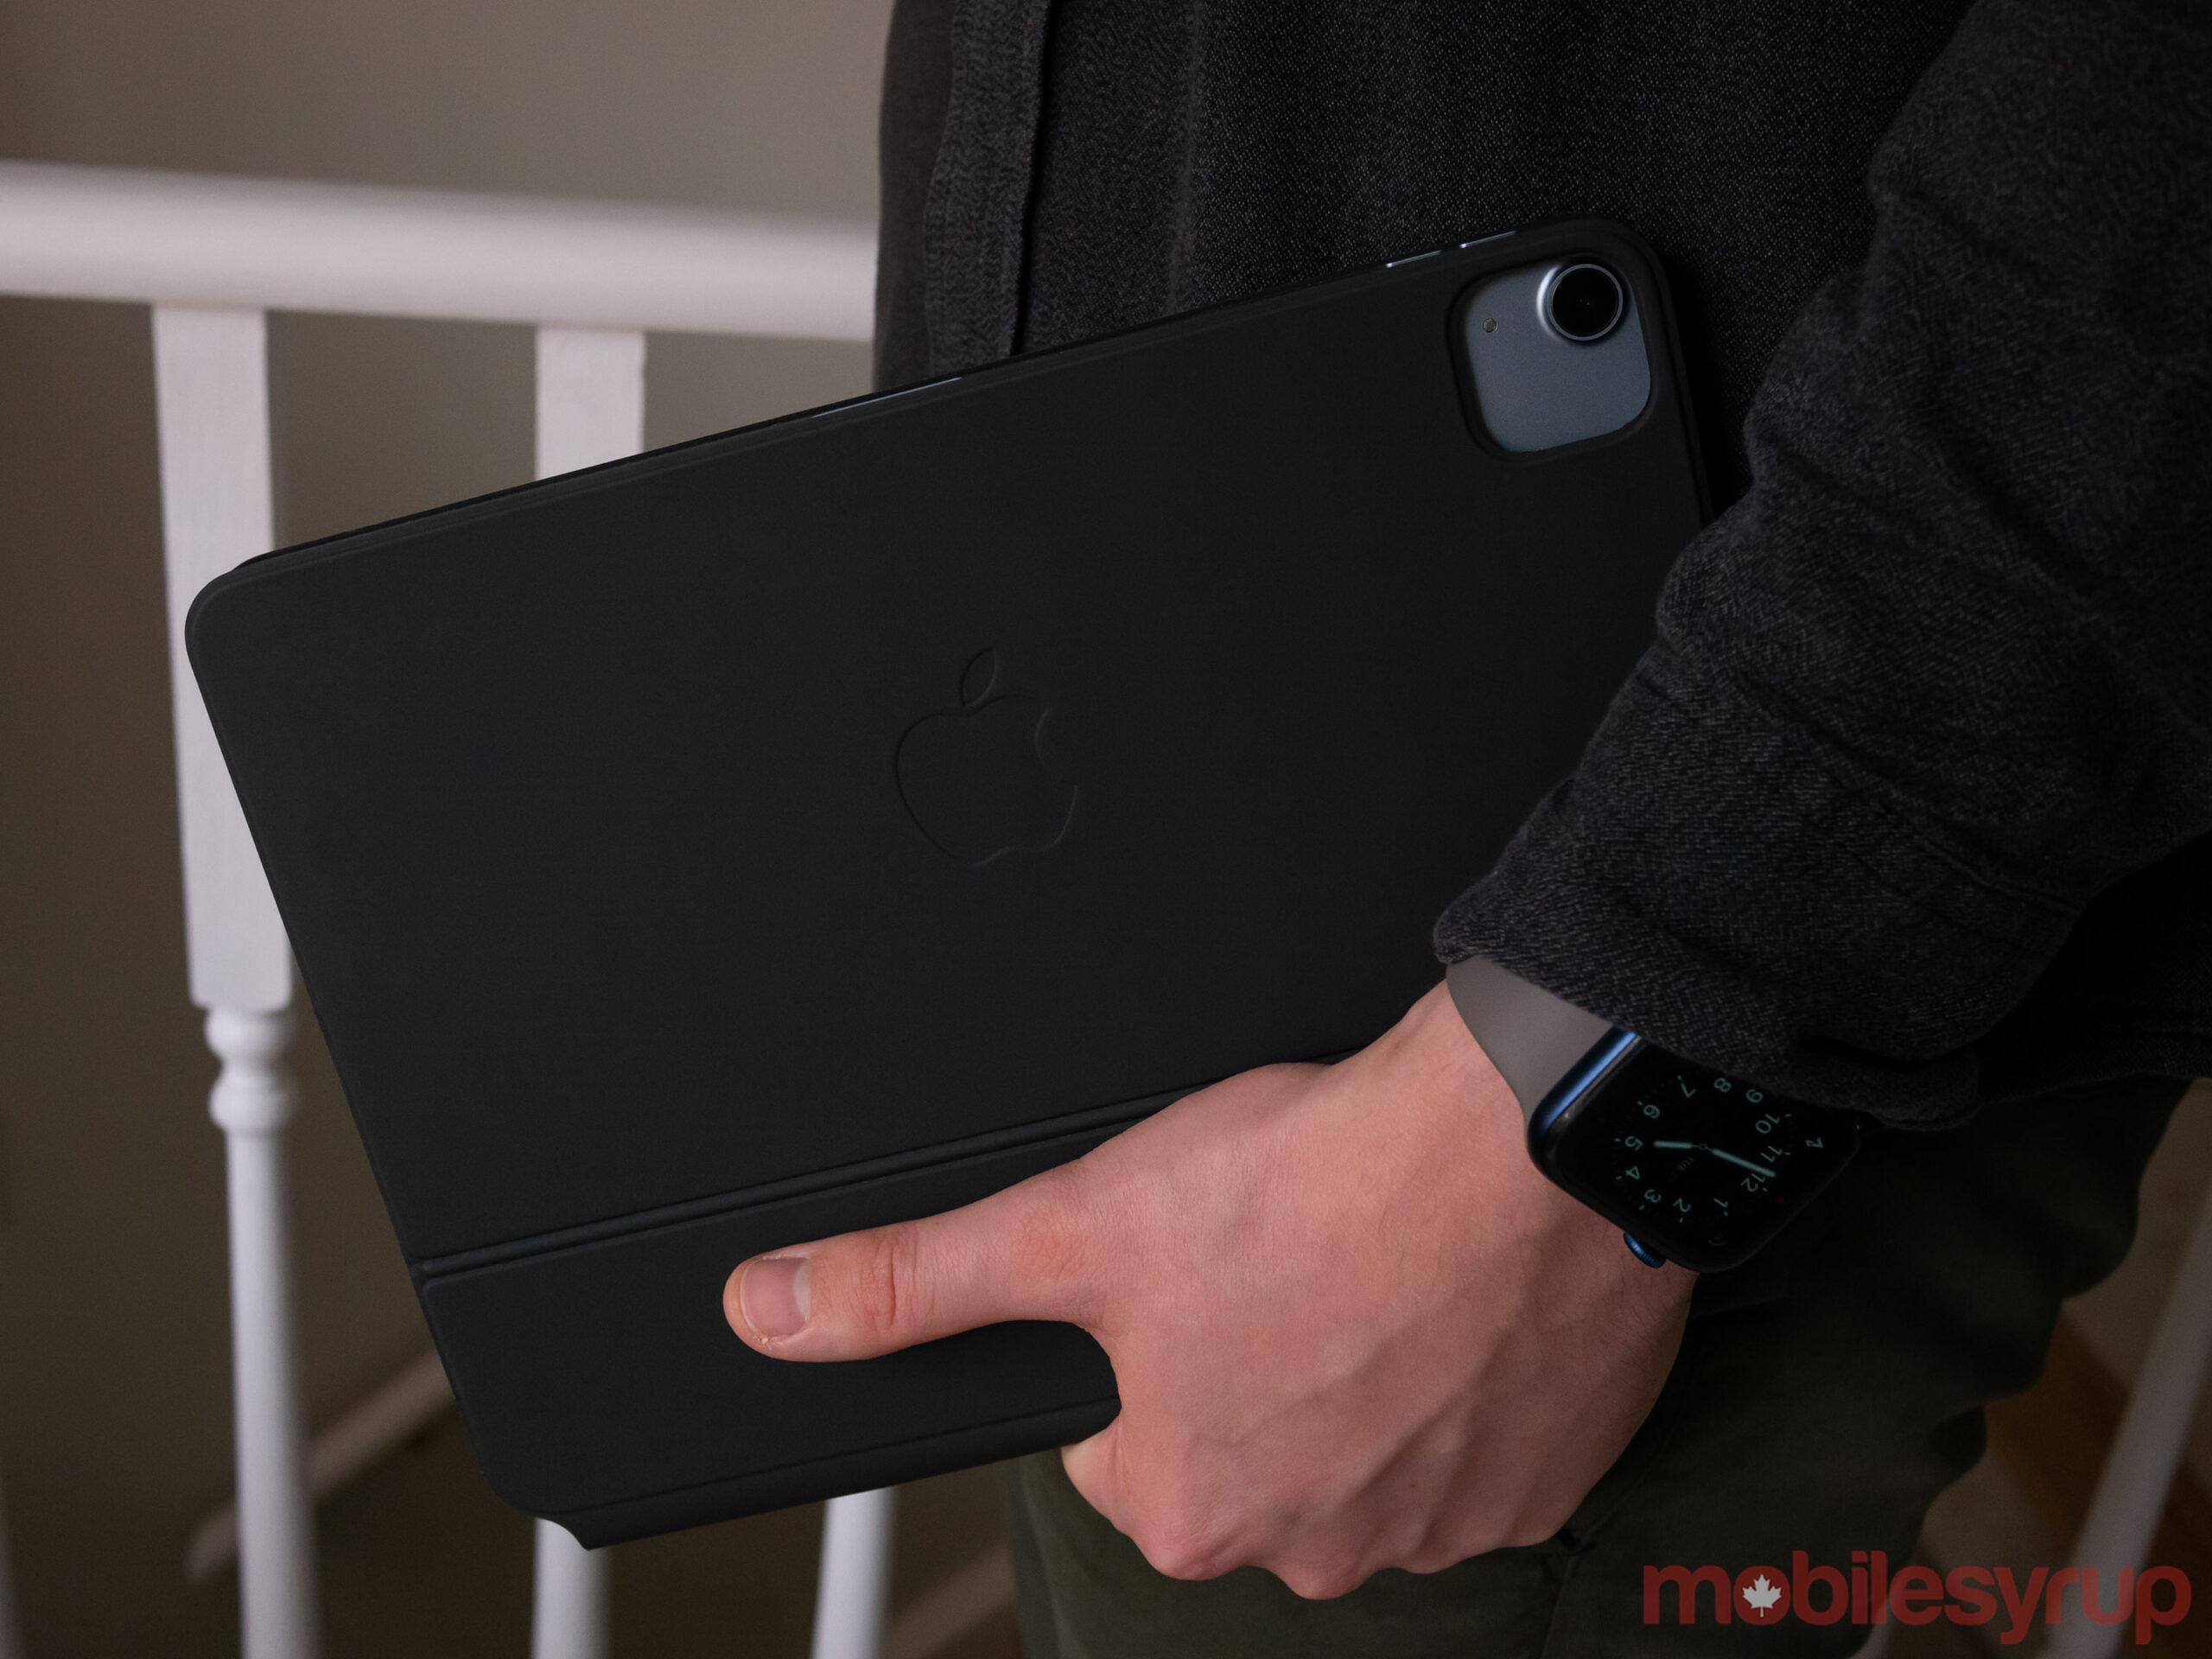 iPad Air in hand